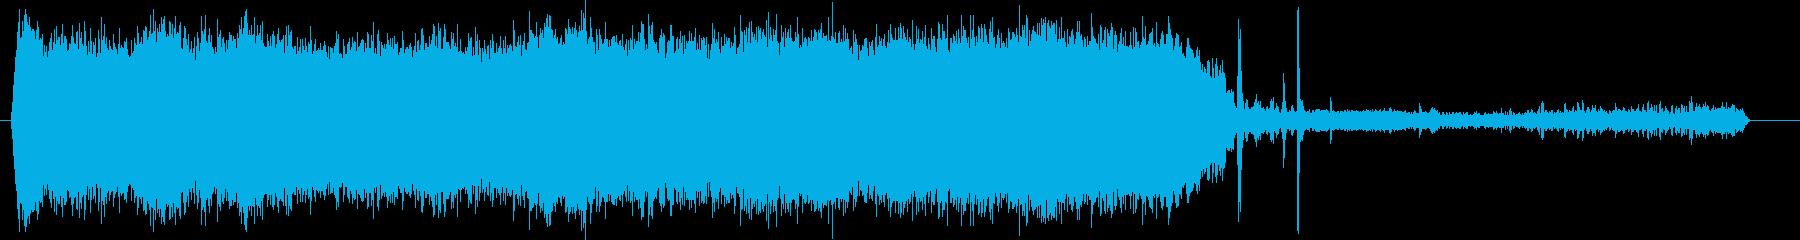 Gnat:アイドル/キャノピークロ...の再生済みの波形